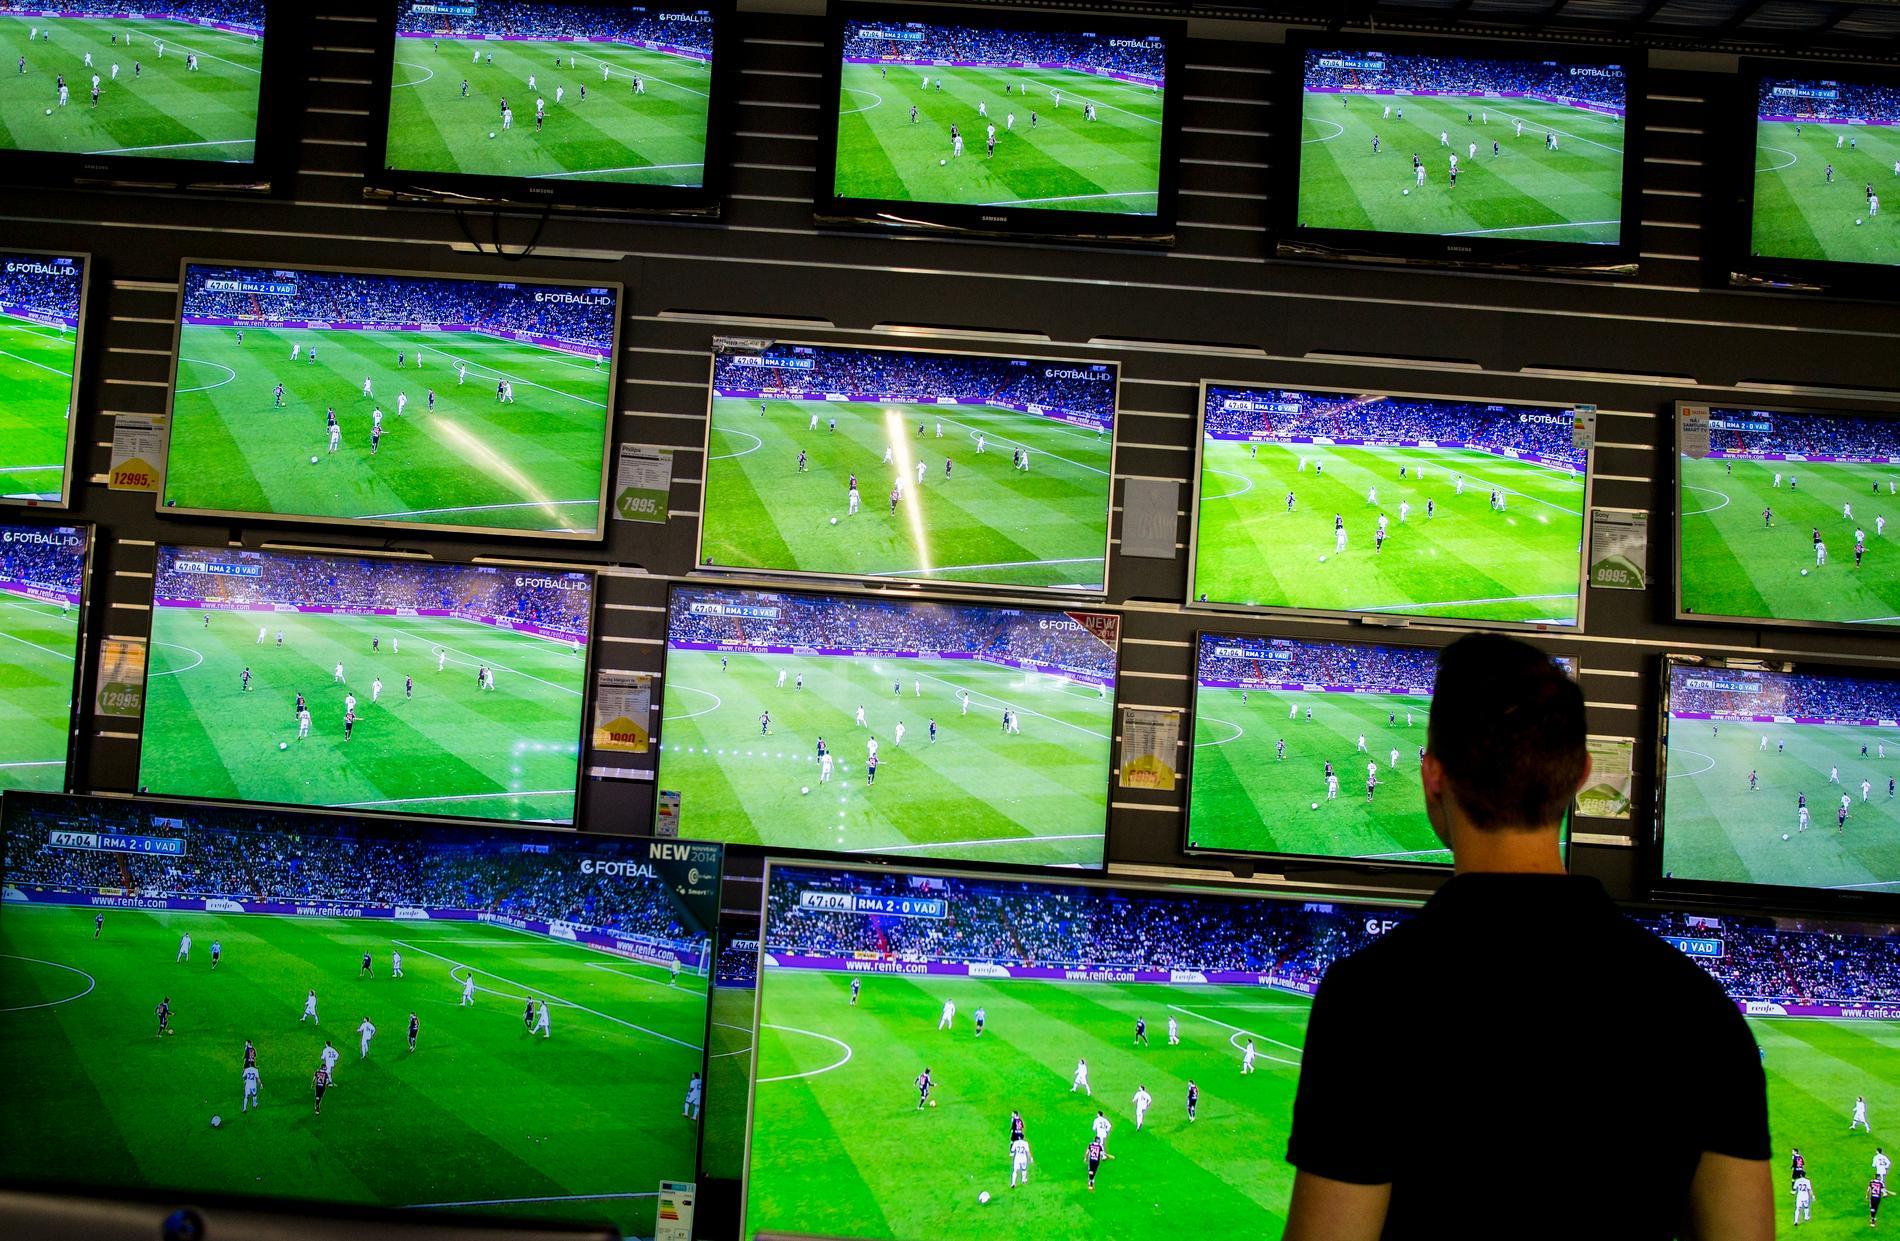 Personer som dömts för att ha sålt pirat-abonnemang för tv ska betala skadestånd på 93 miljoner kronor. Arkivbild.